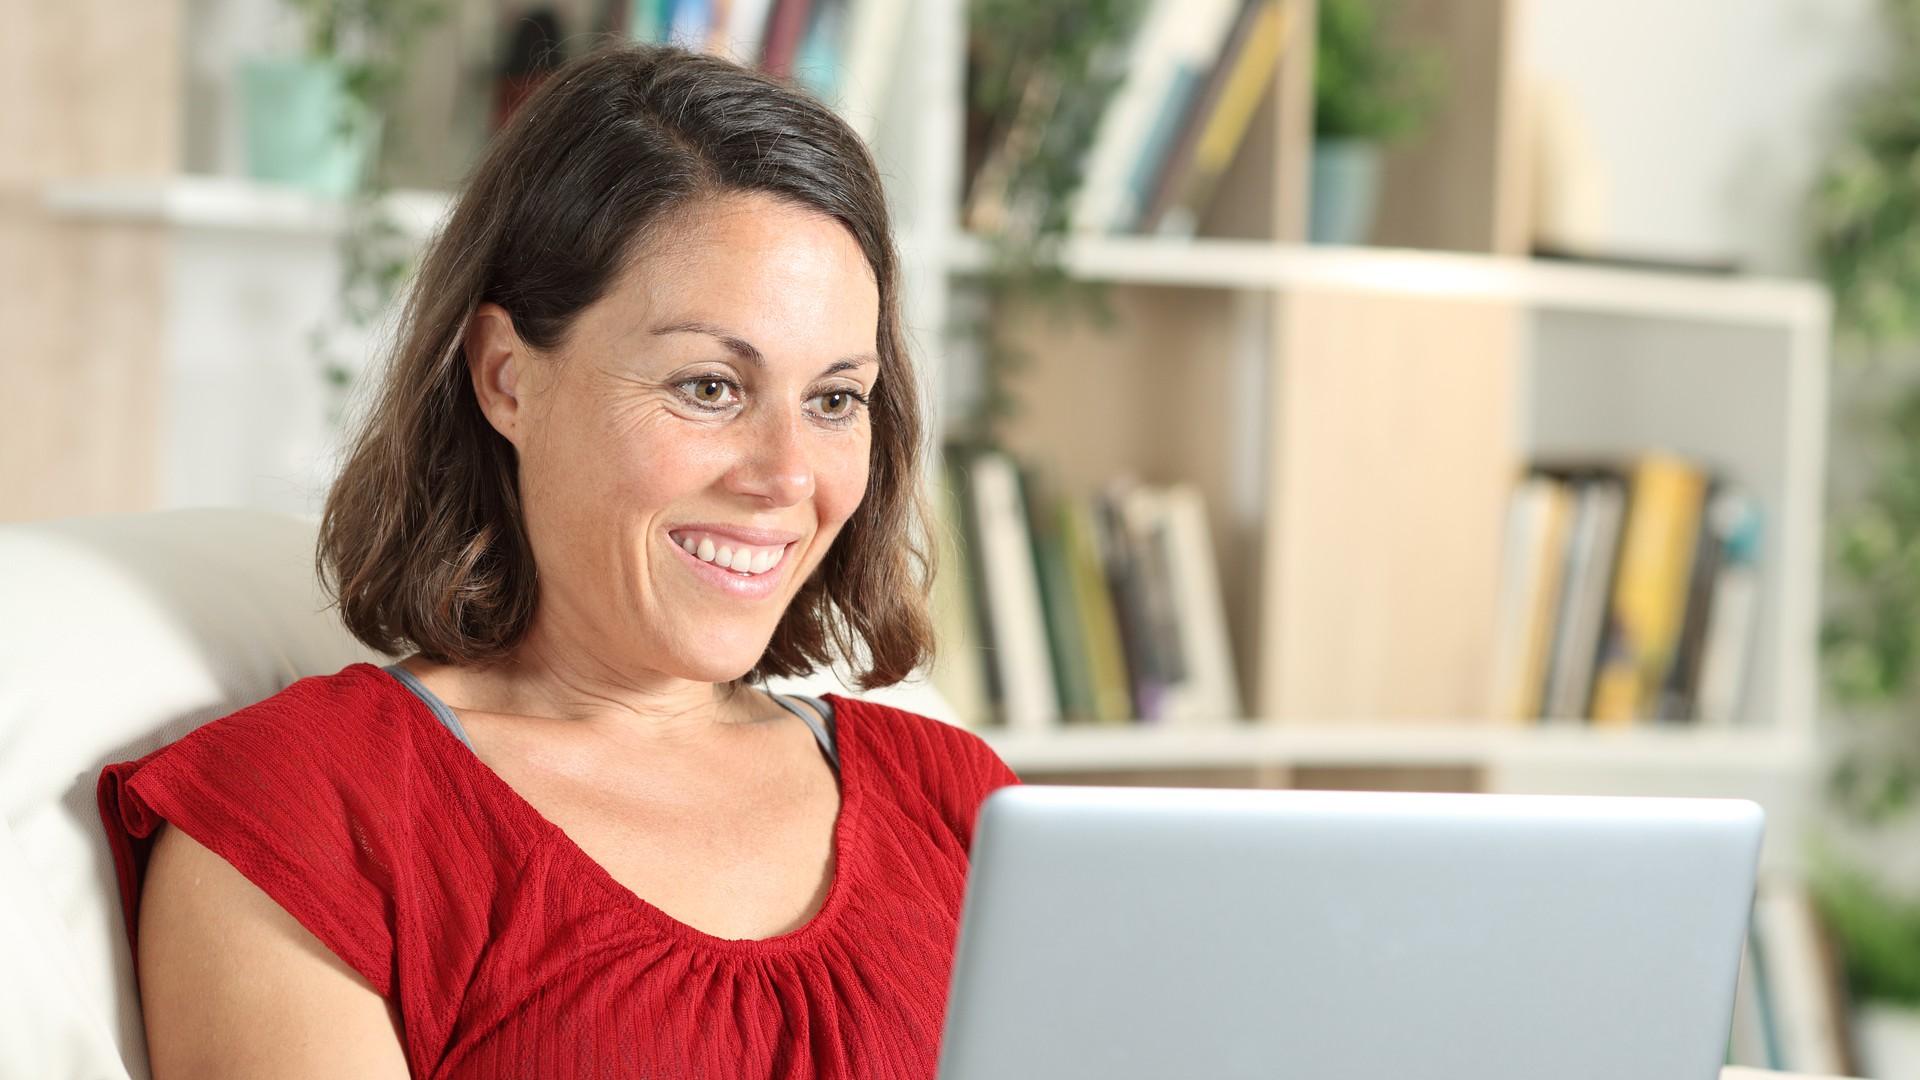 Frau-lässt sich-online-beraten.jpg